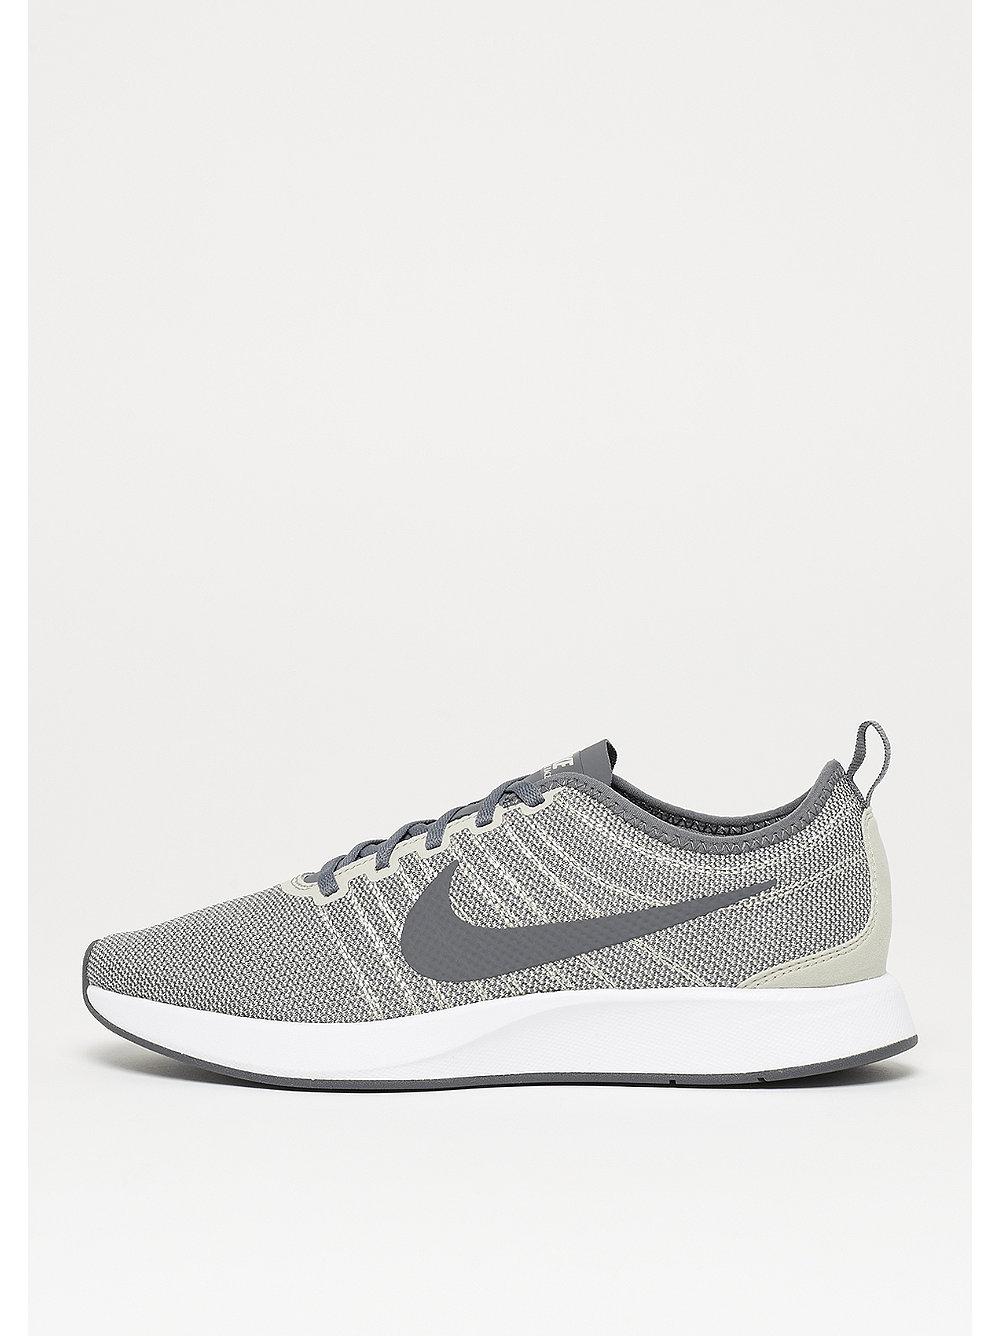 Verkauf Billigsten DUALTONE RACER - Sneaker low - white/wolf grey/black Steckdose Billig Preise Und Verfügbarkeit Für Verkauf Durchsuche nuMknzge